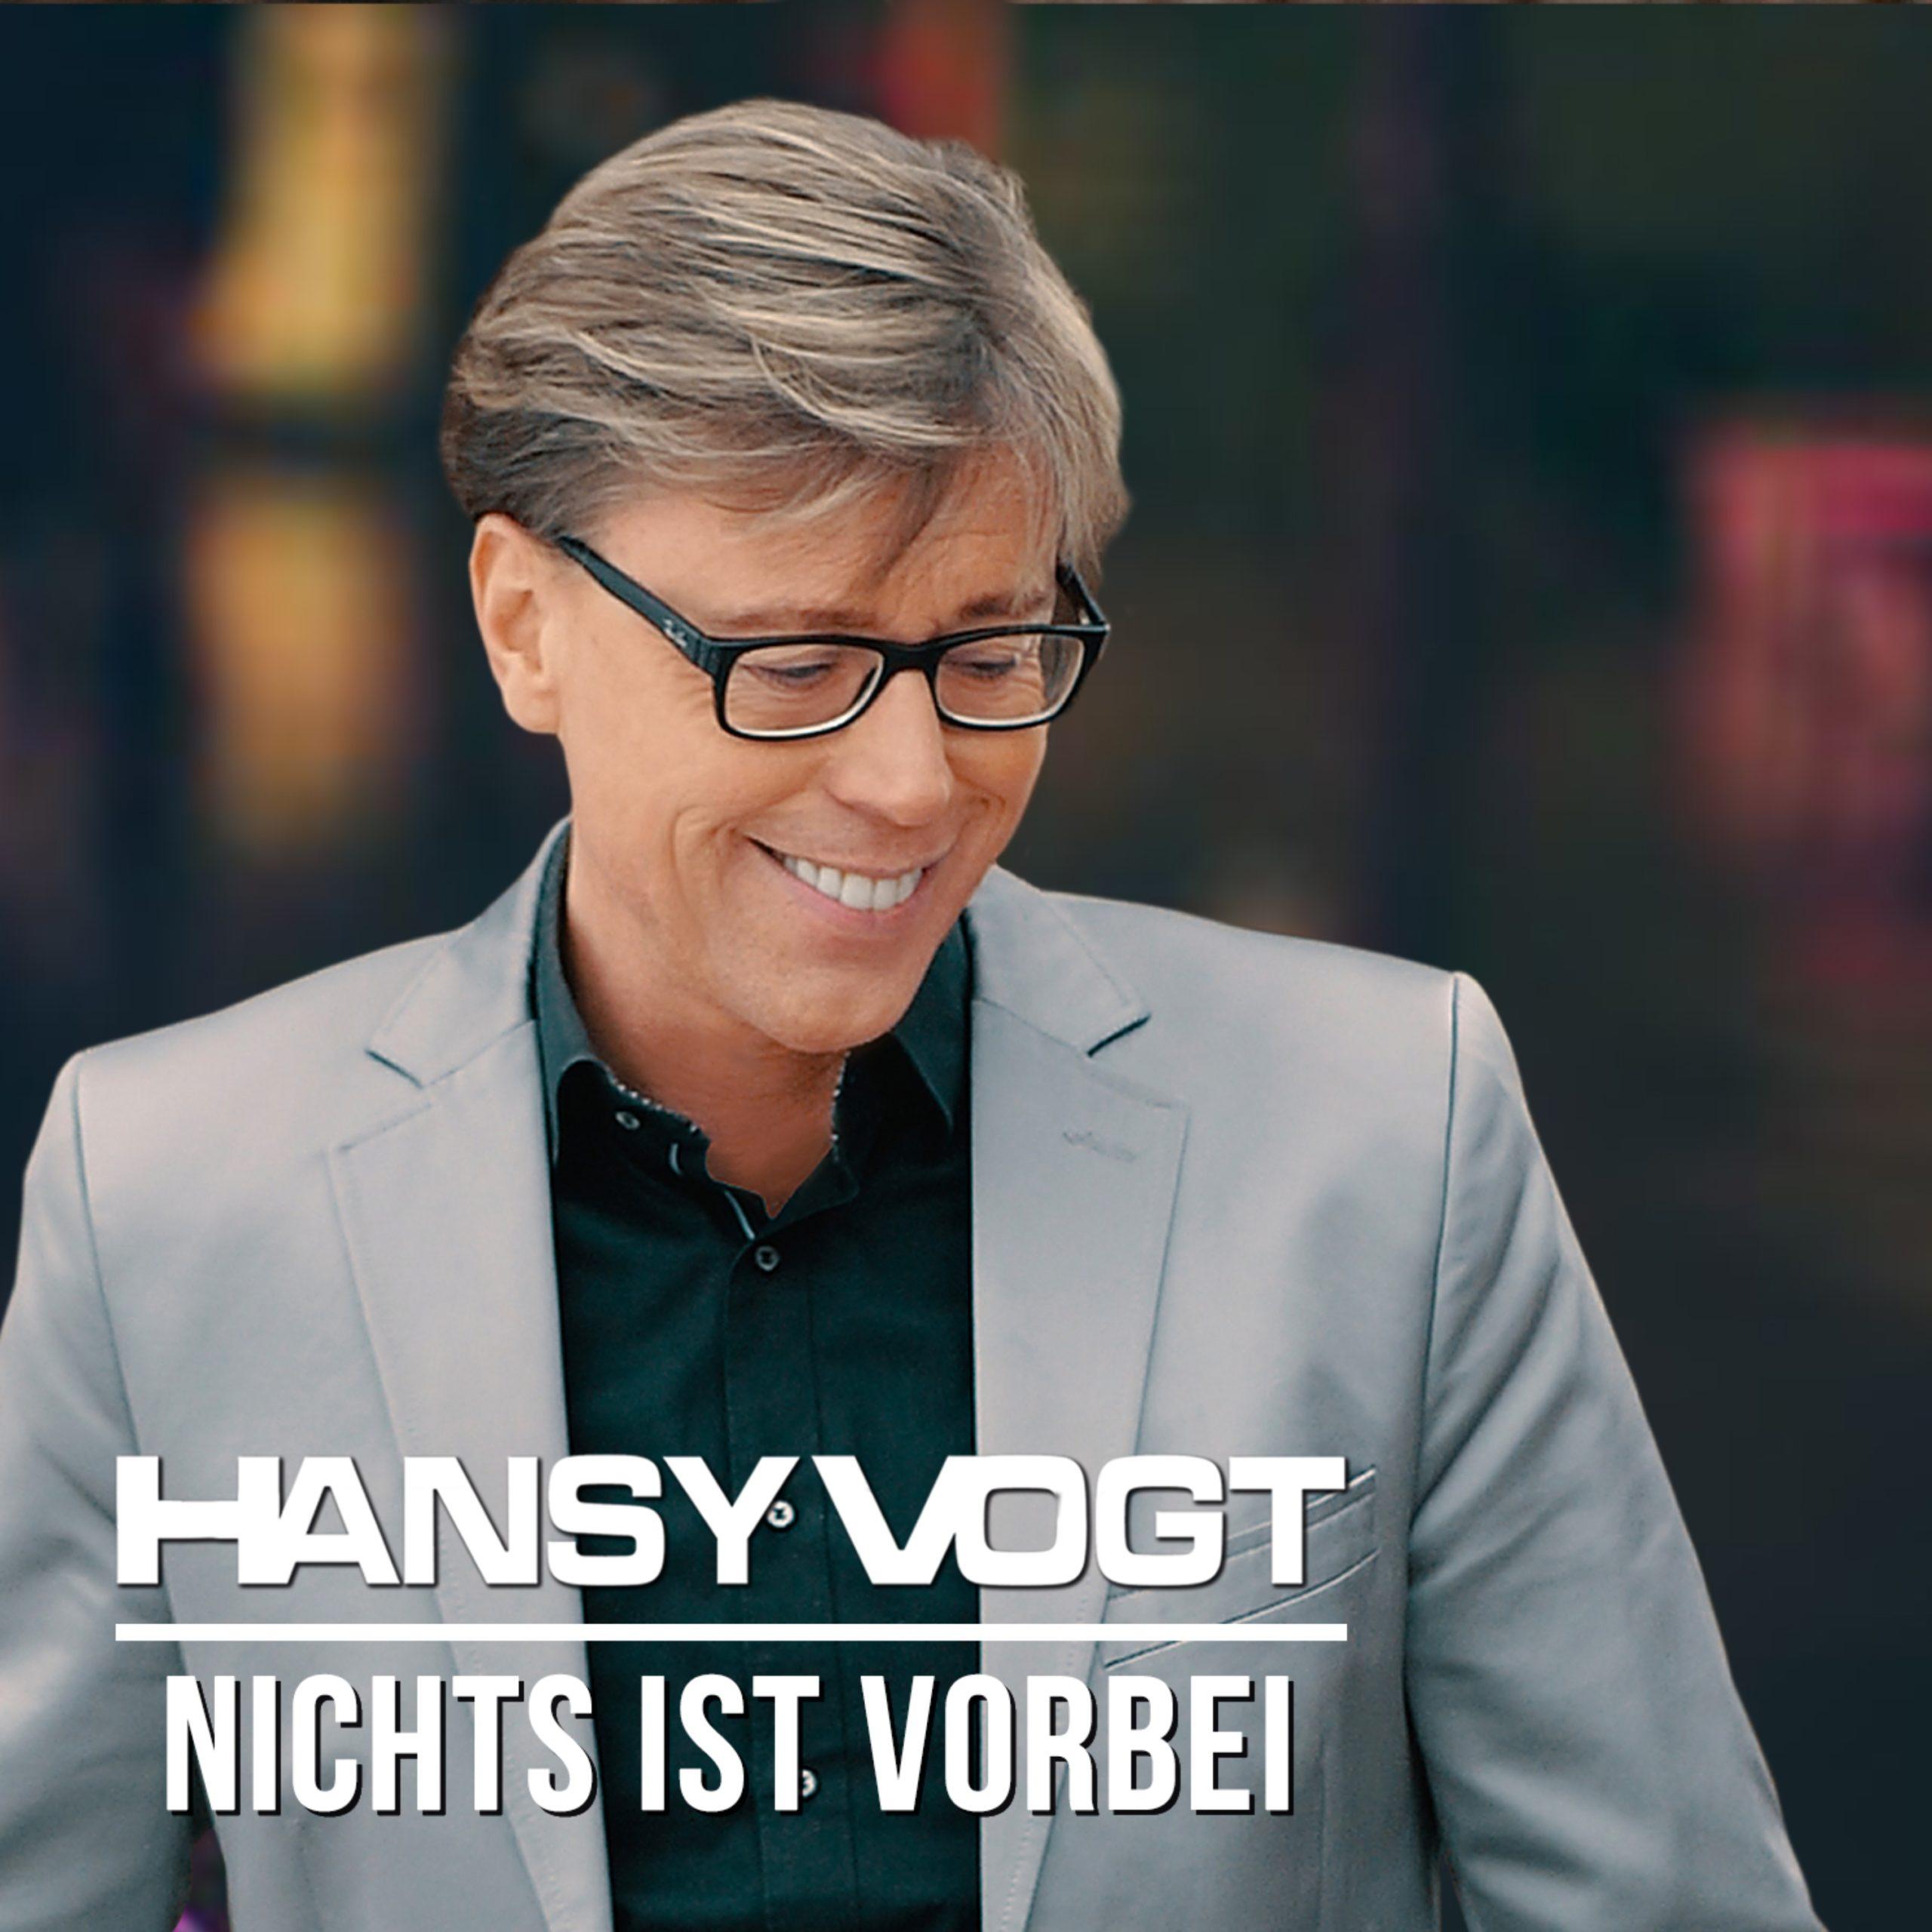 Hansy Vogt - Nicht ist vorbei (2021)